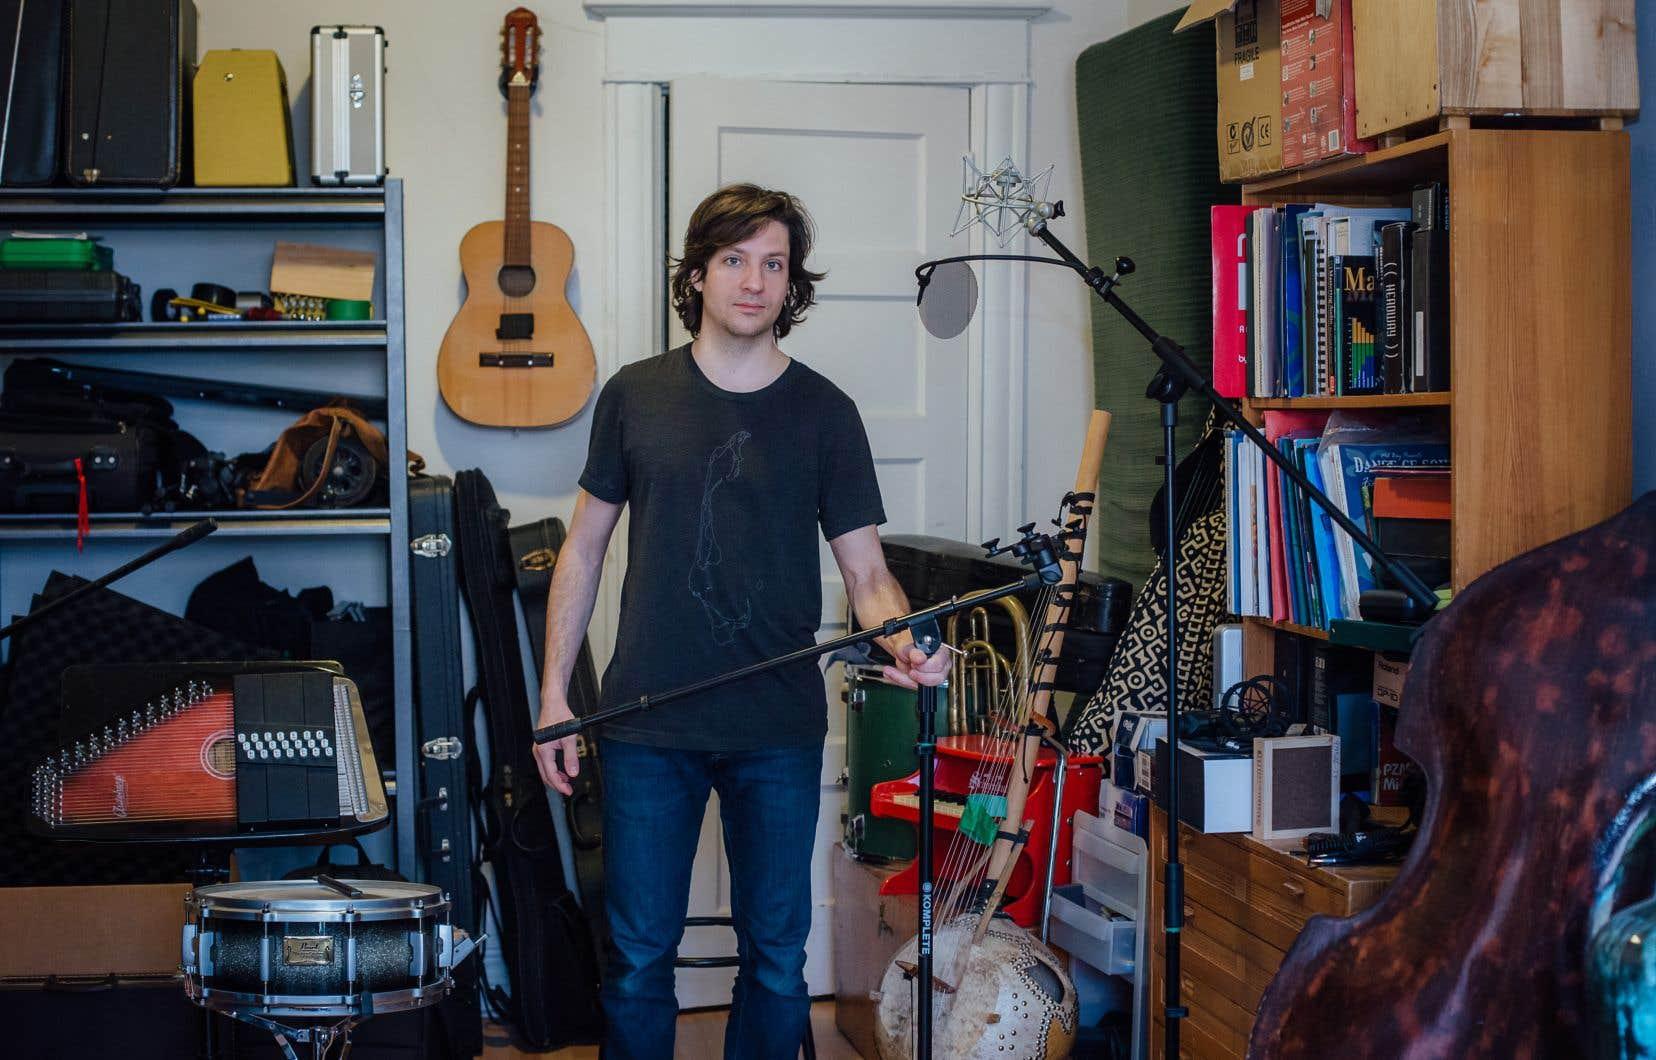 Dans son album <i>Archives</i>, Cédric Dind-Lavoie voulait mettre en valeur l'héritage qu'ont laissé les interprètes de musique traditionnelle québécoise et les folkloristes.